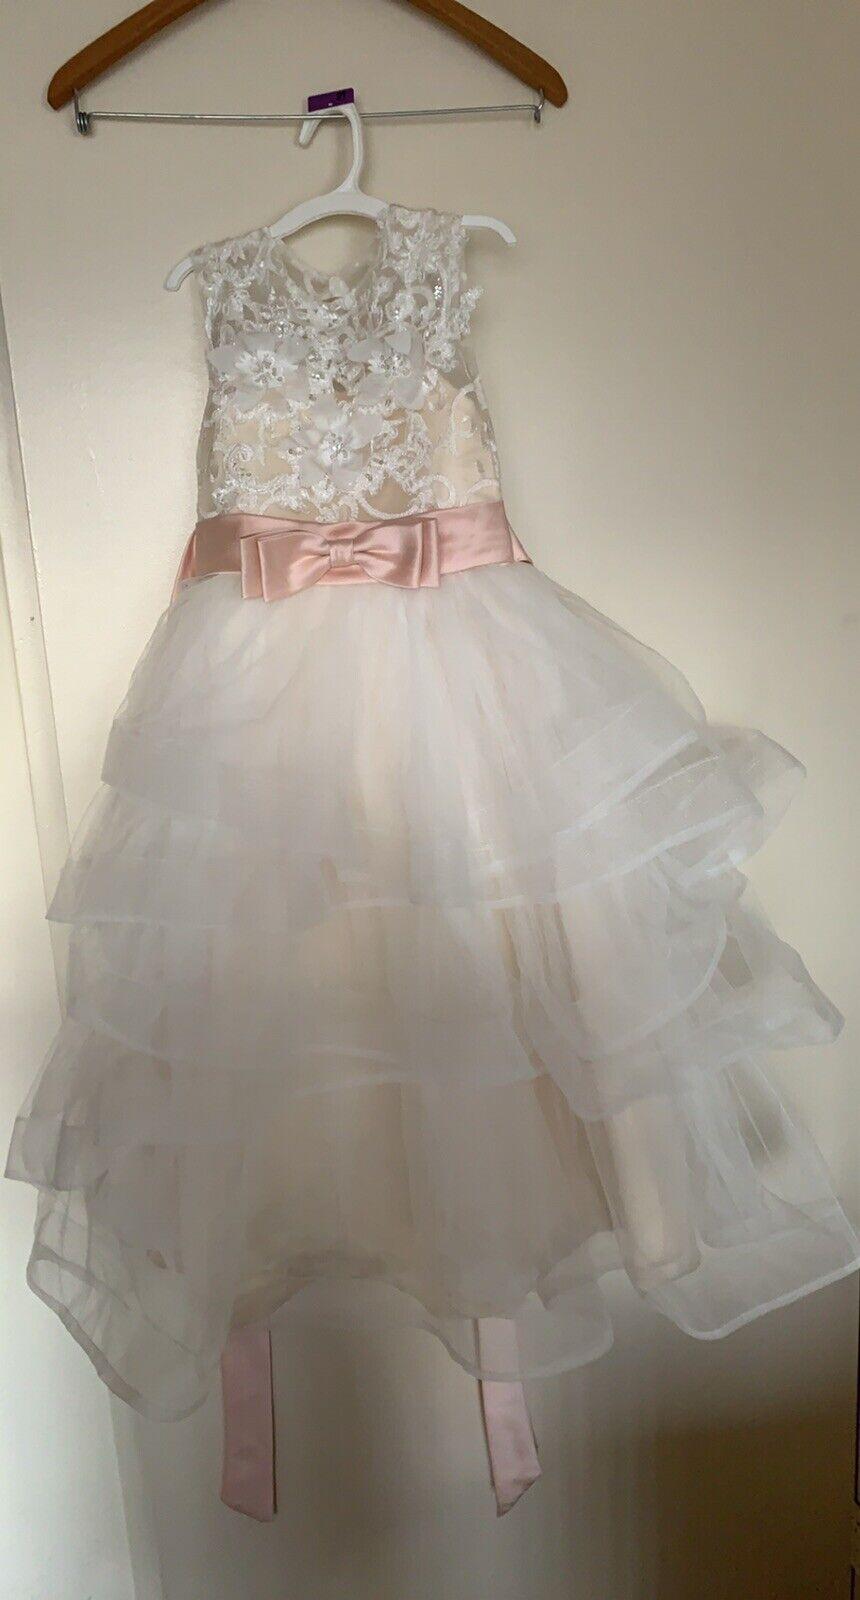 Bridal Flower Girl Dress Girl's White, Size 6